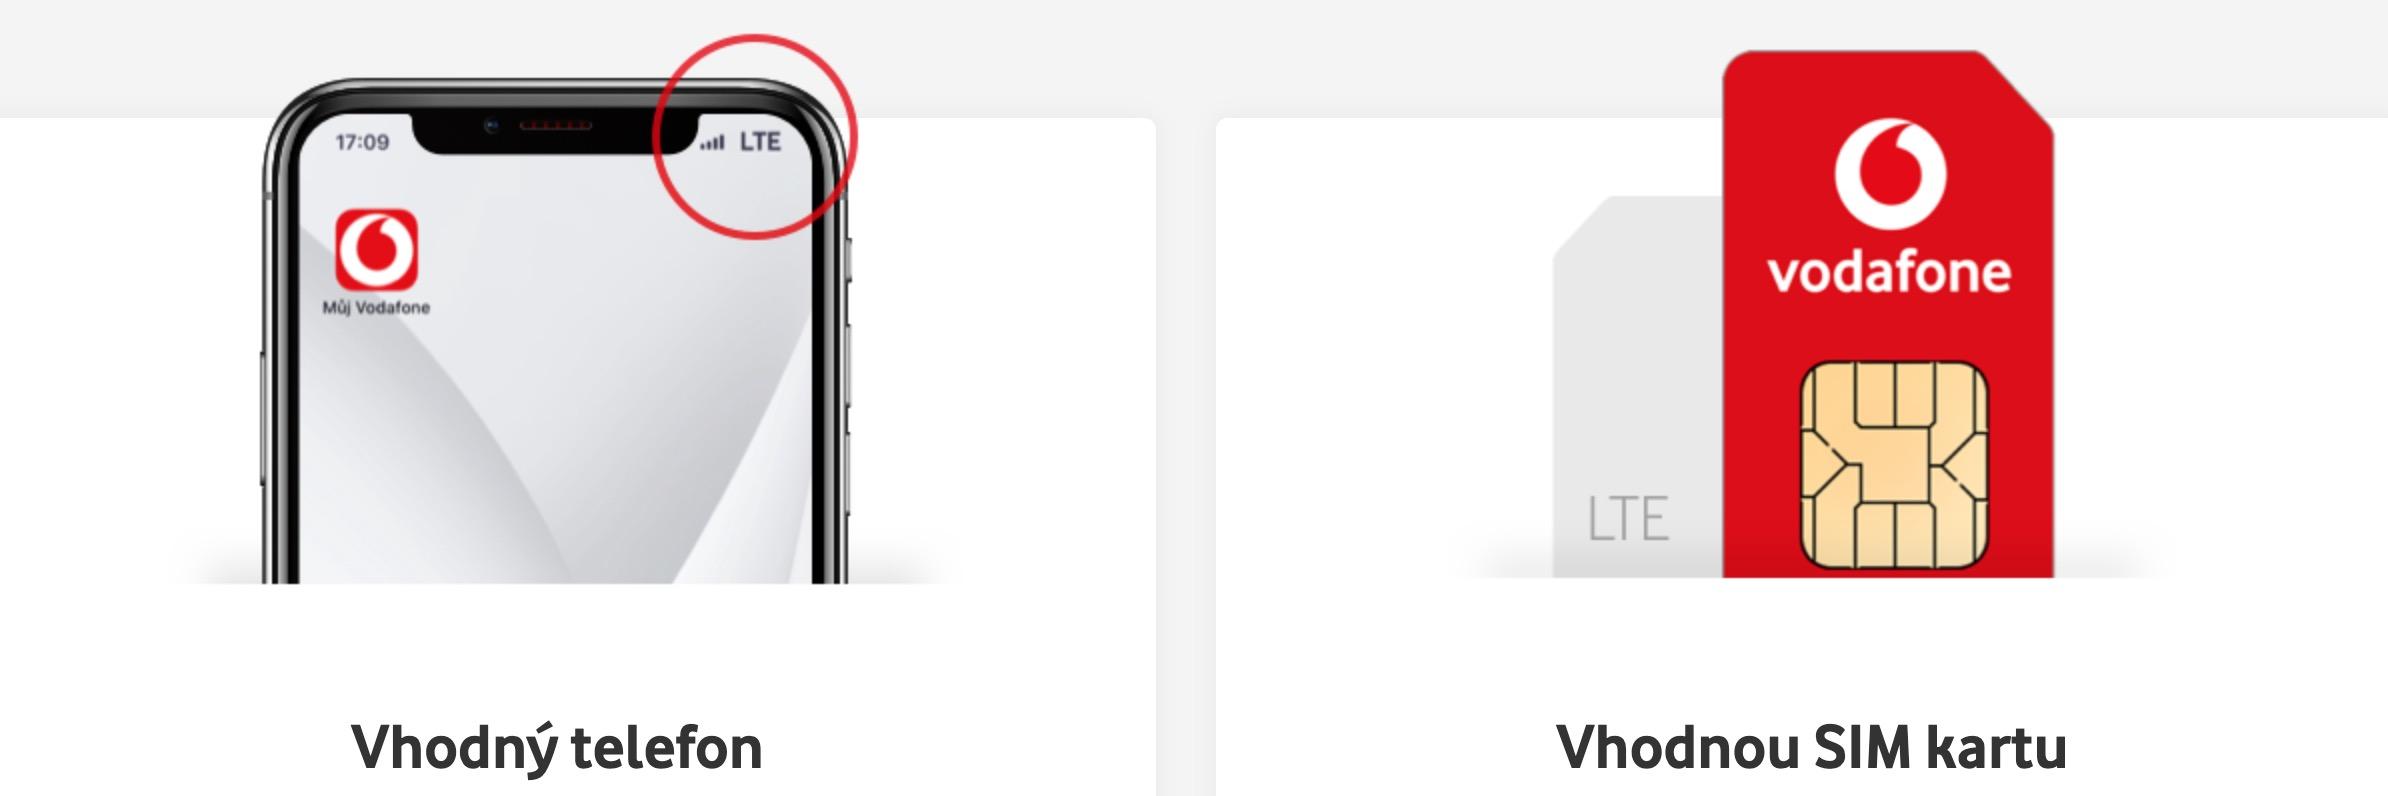 vodafone vypina 3G siet